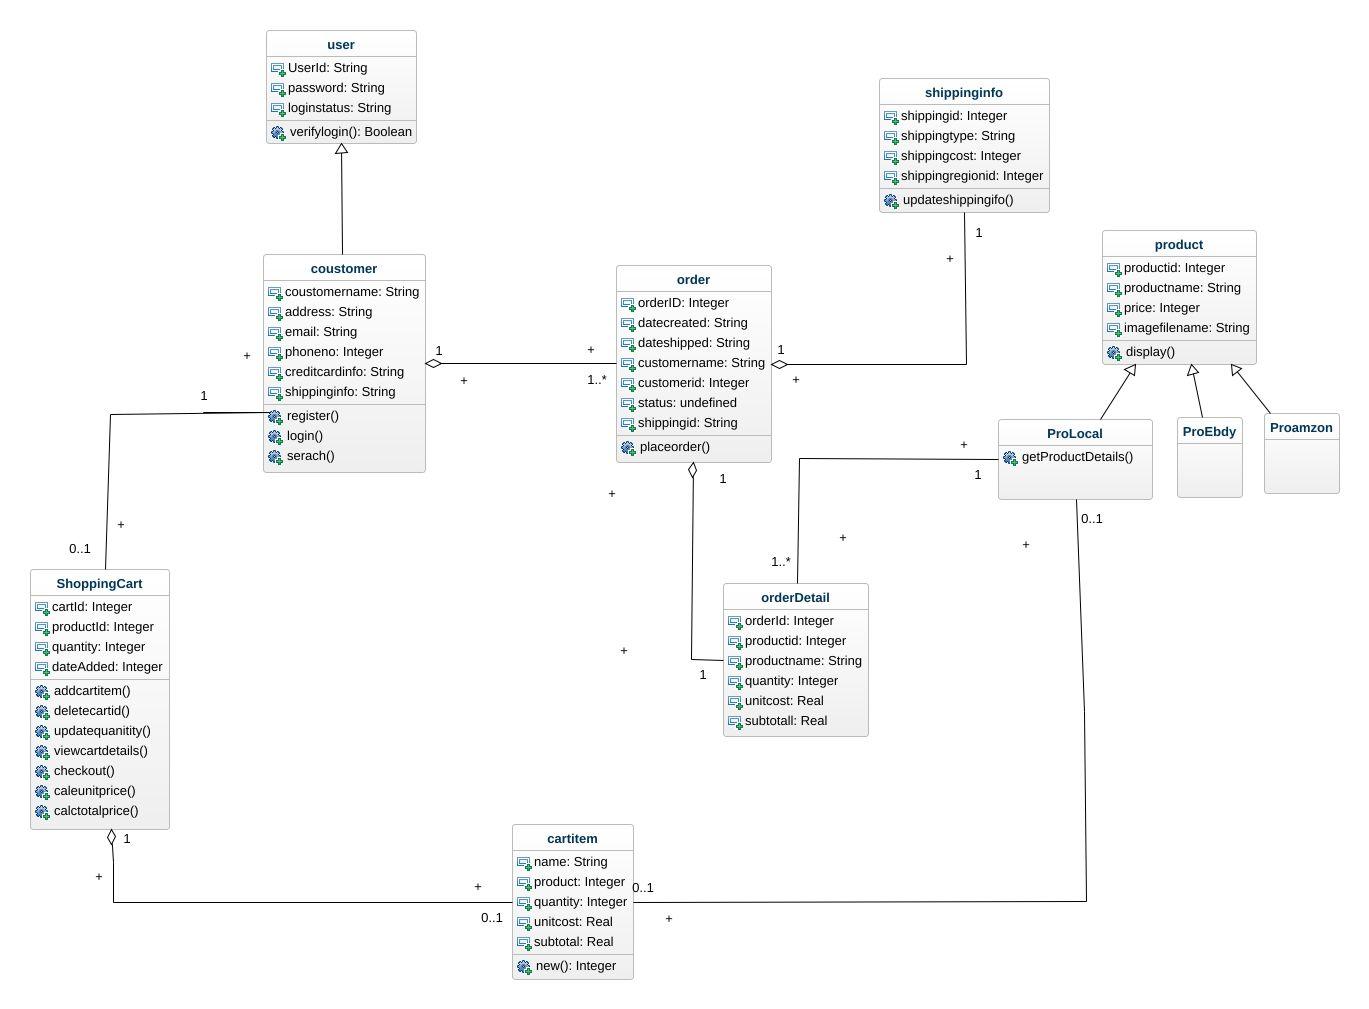 Online Shop Class Diagram Uml Diagram Online Shop Class Diagram